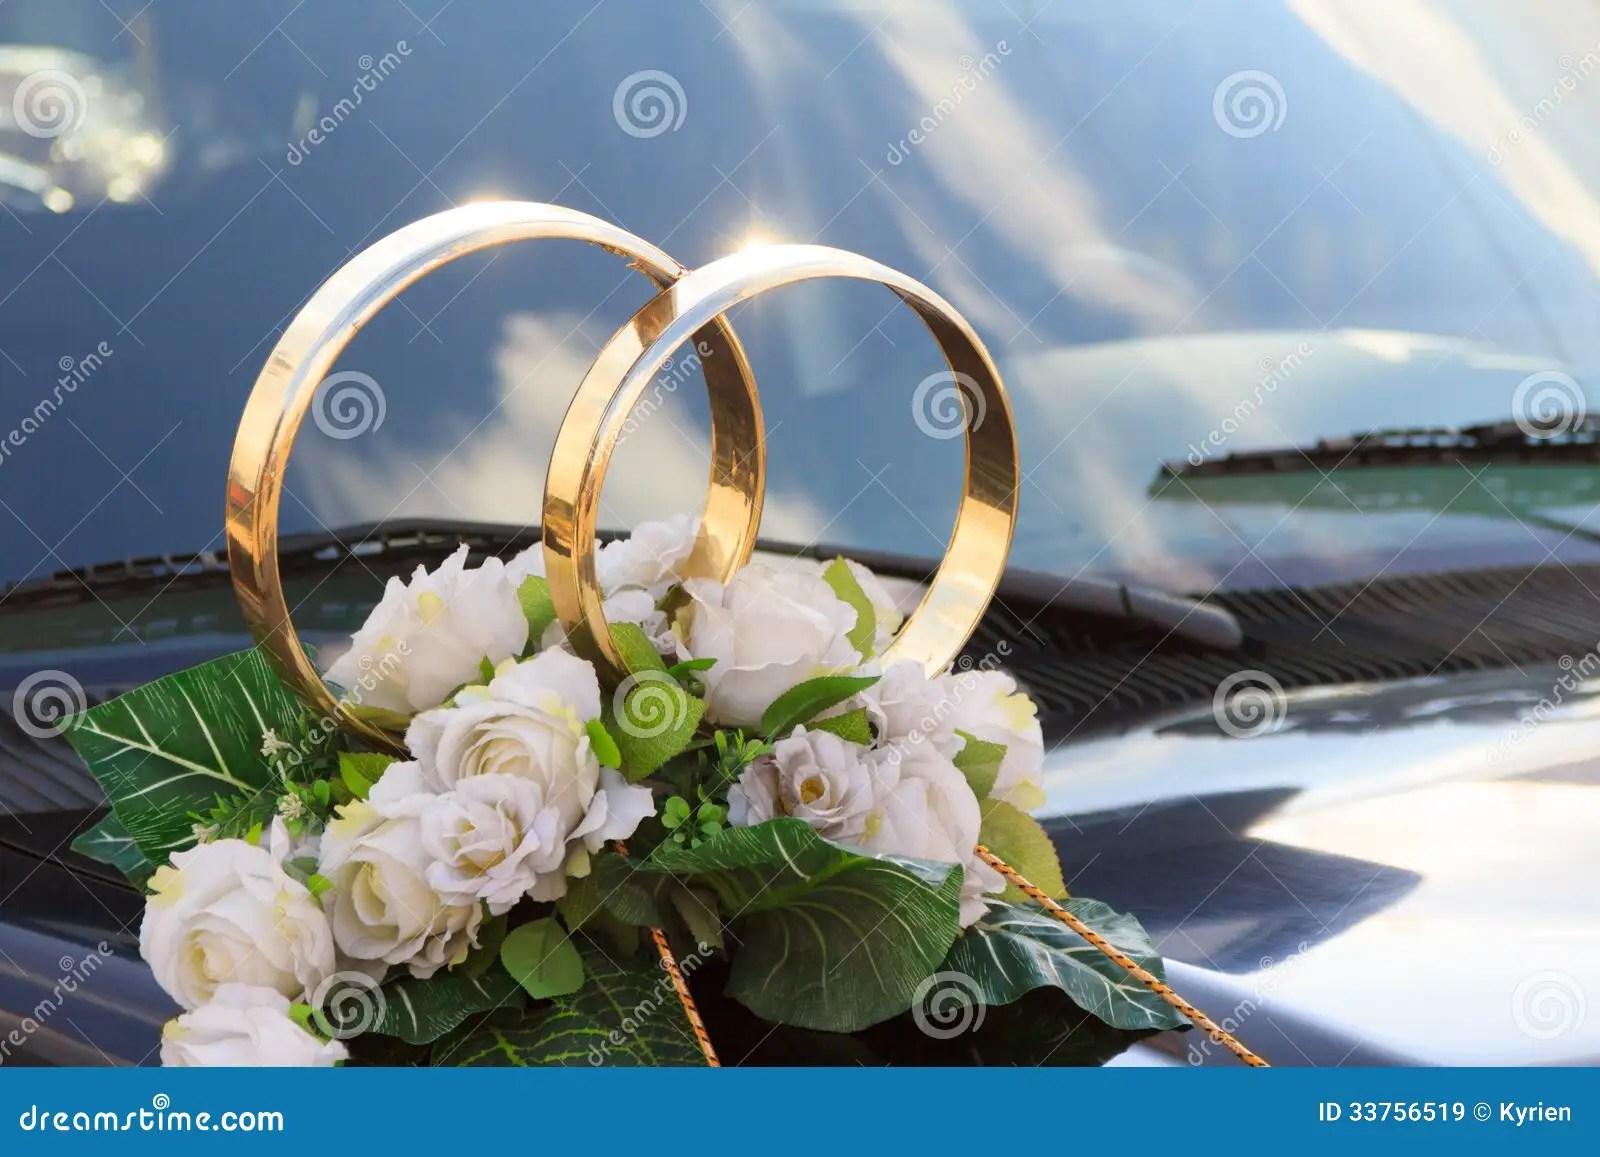 Decoration Florale Voiture Mariage Decoration Voiture Mariage